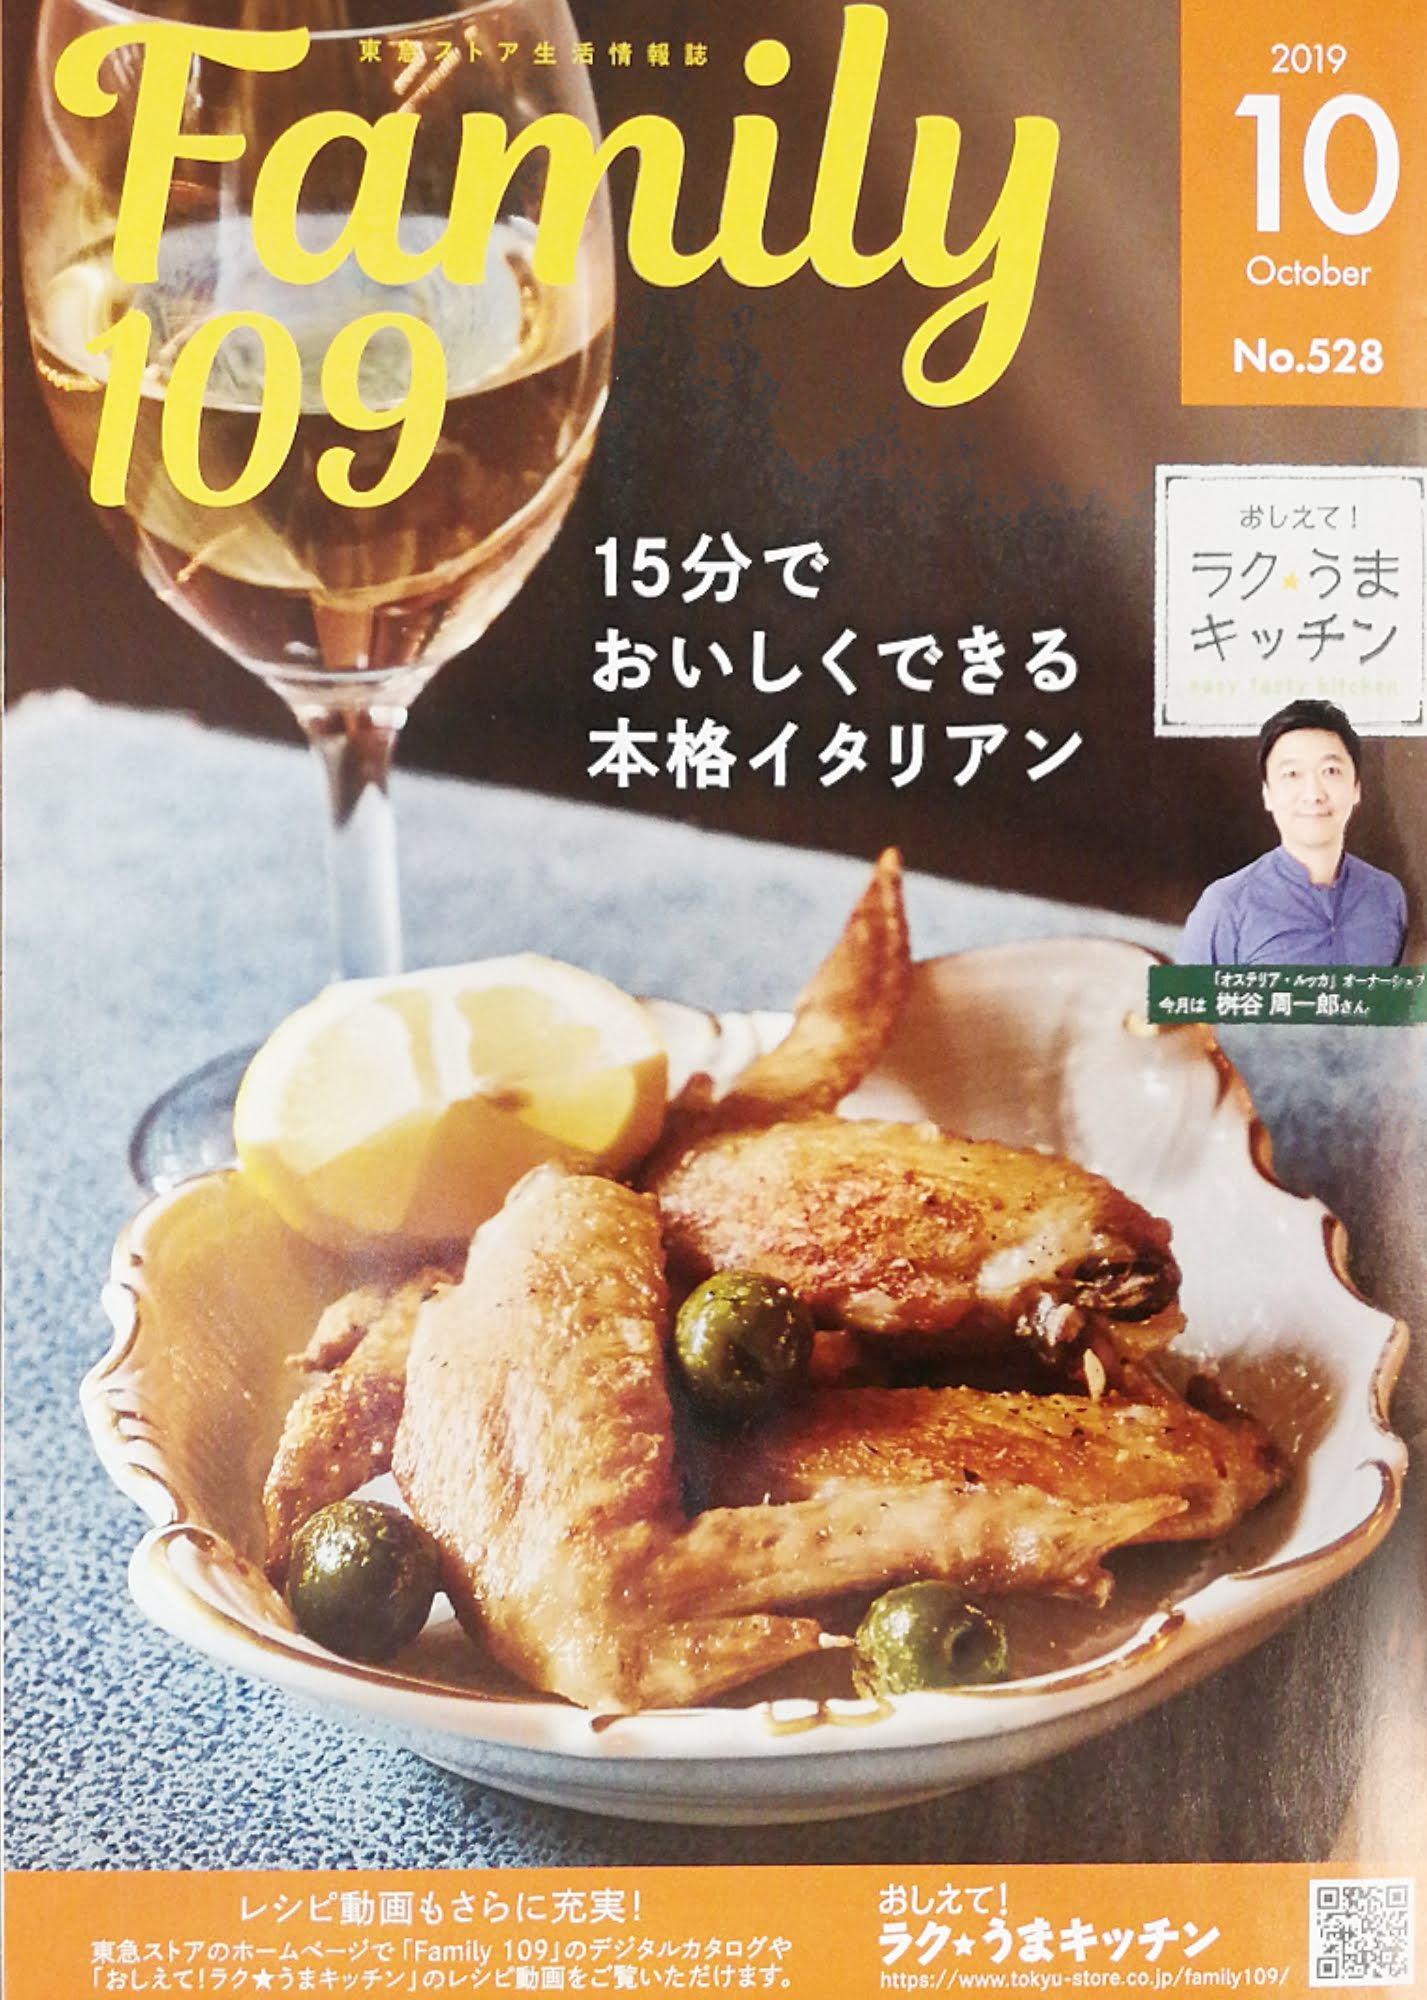 大木慎太郎がFamily109の10月号の表紙、メインビジュアルを撮り下ろしました